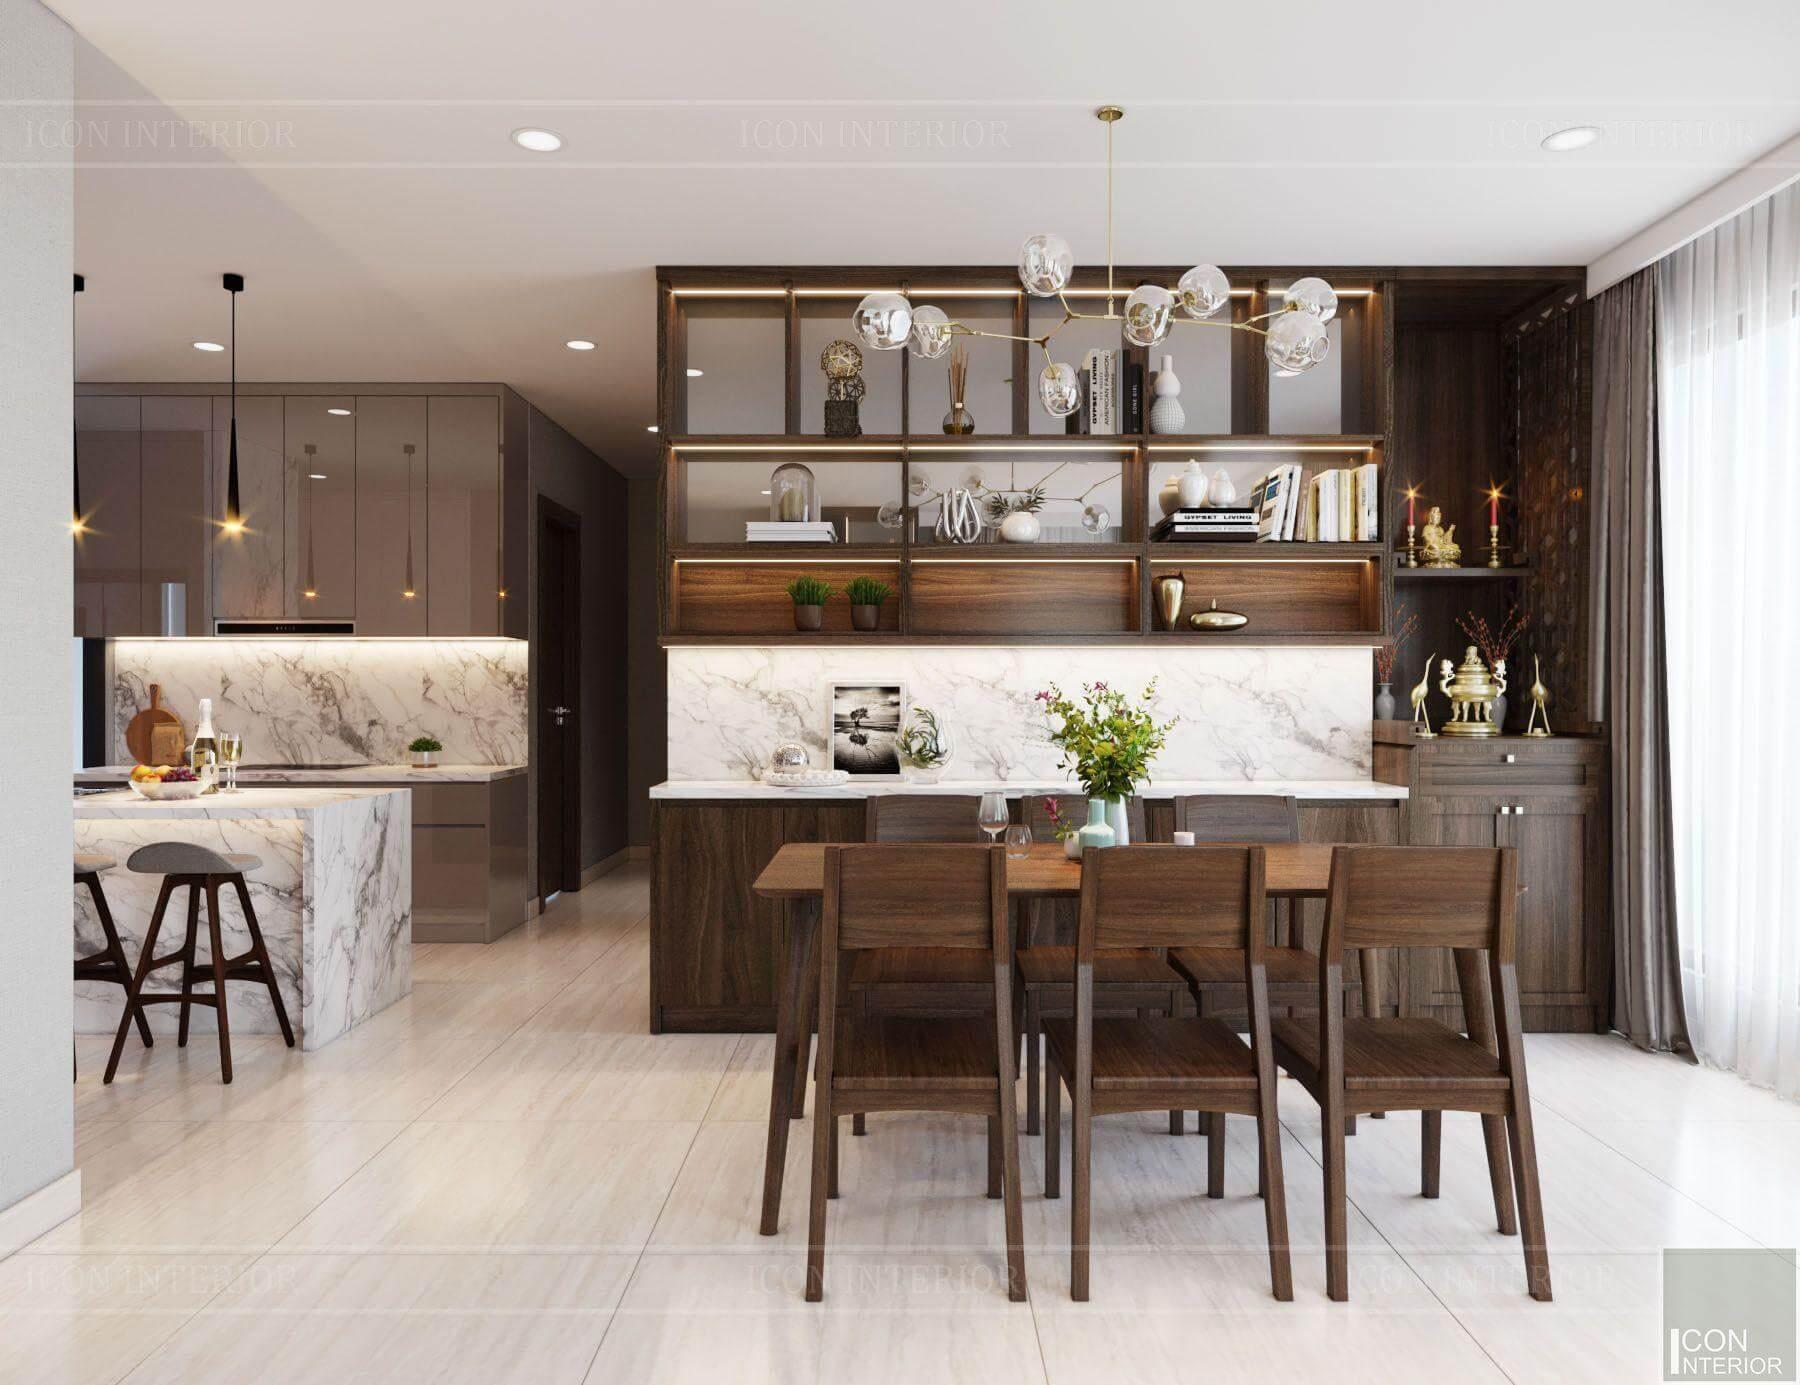 thiết kế nội thất phòng bếp căn hộ 90m2 gỗ tự nhiên